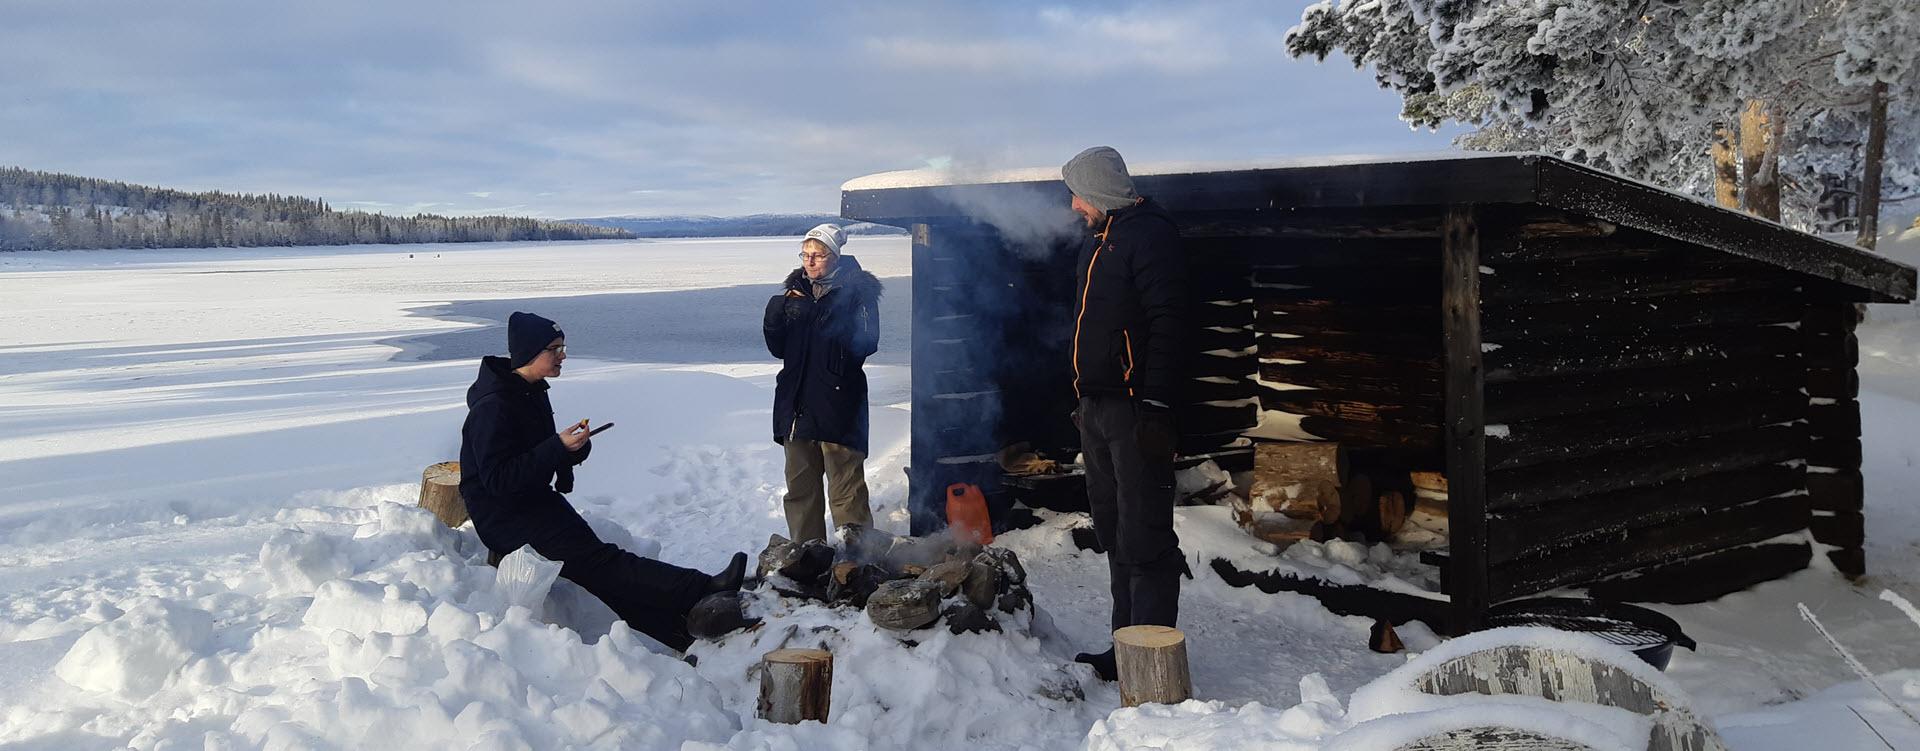 Gäddede Camping Accommodation fireplace at lake